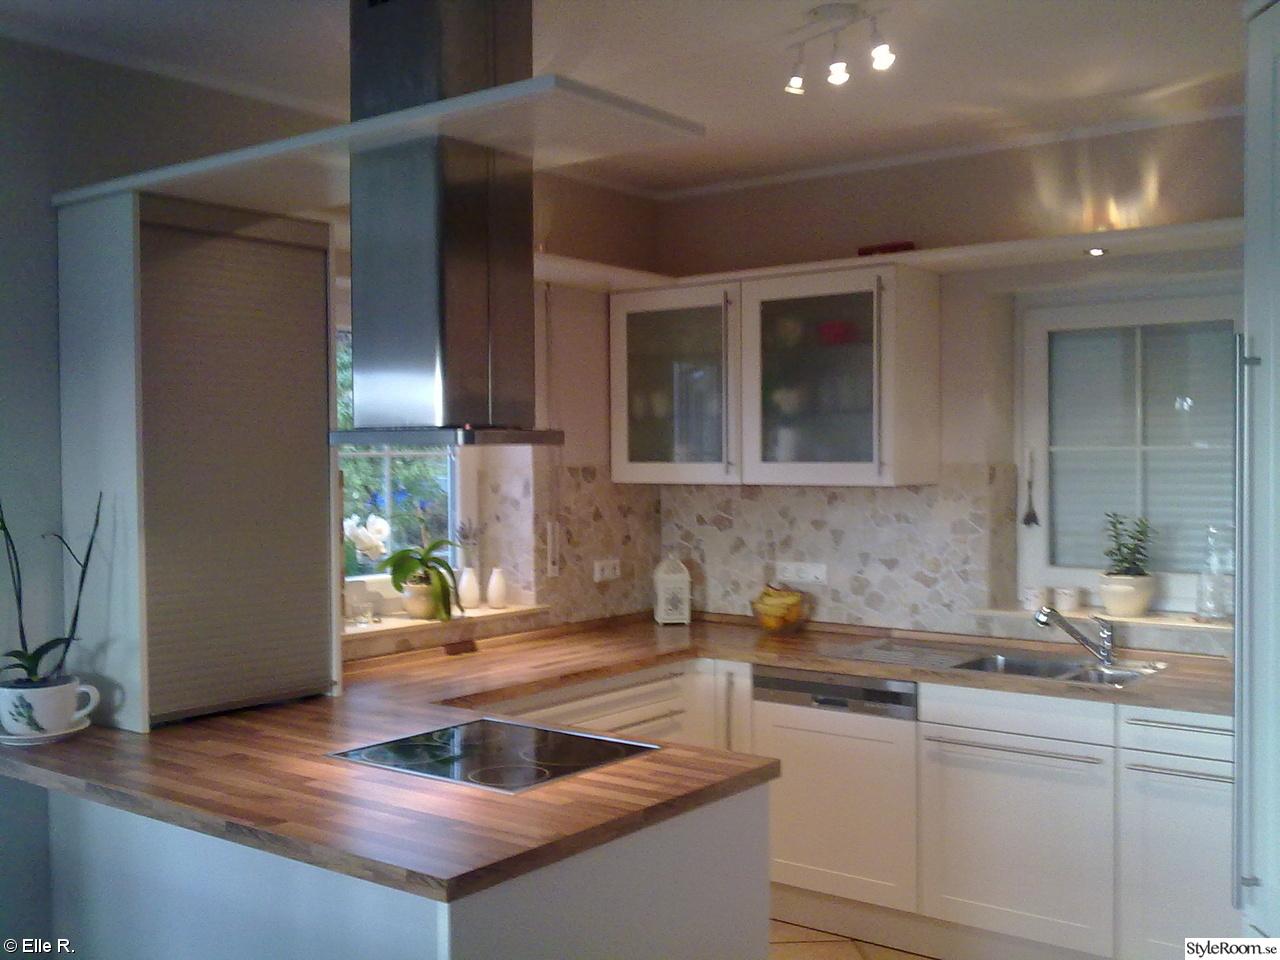 Mosaiken - Inspiration och idéer till ditt hem